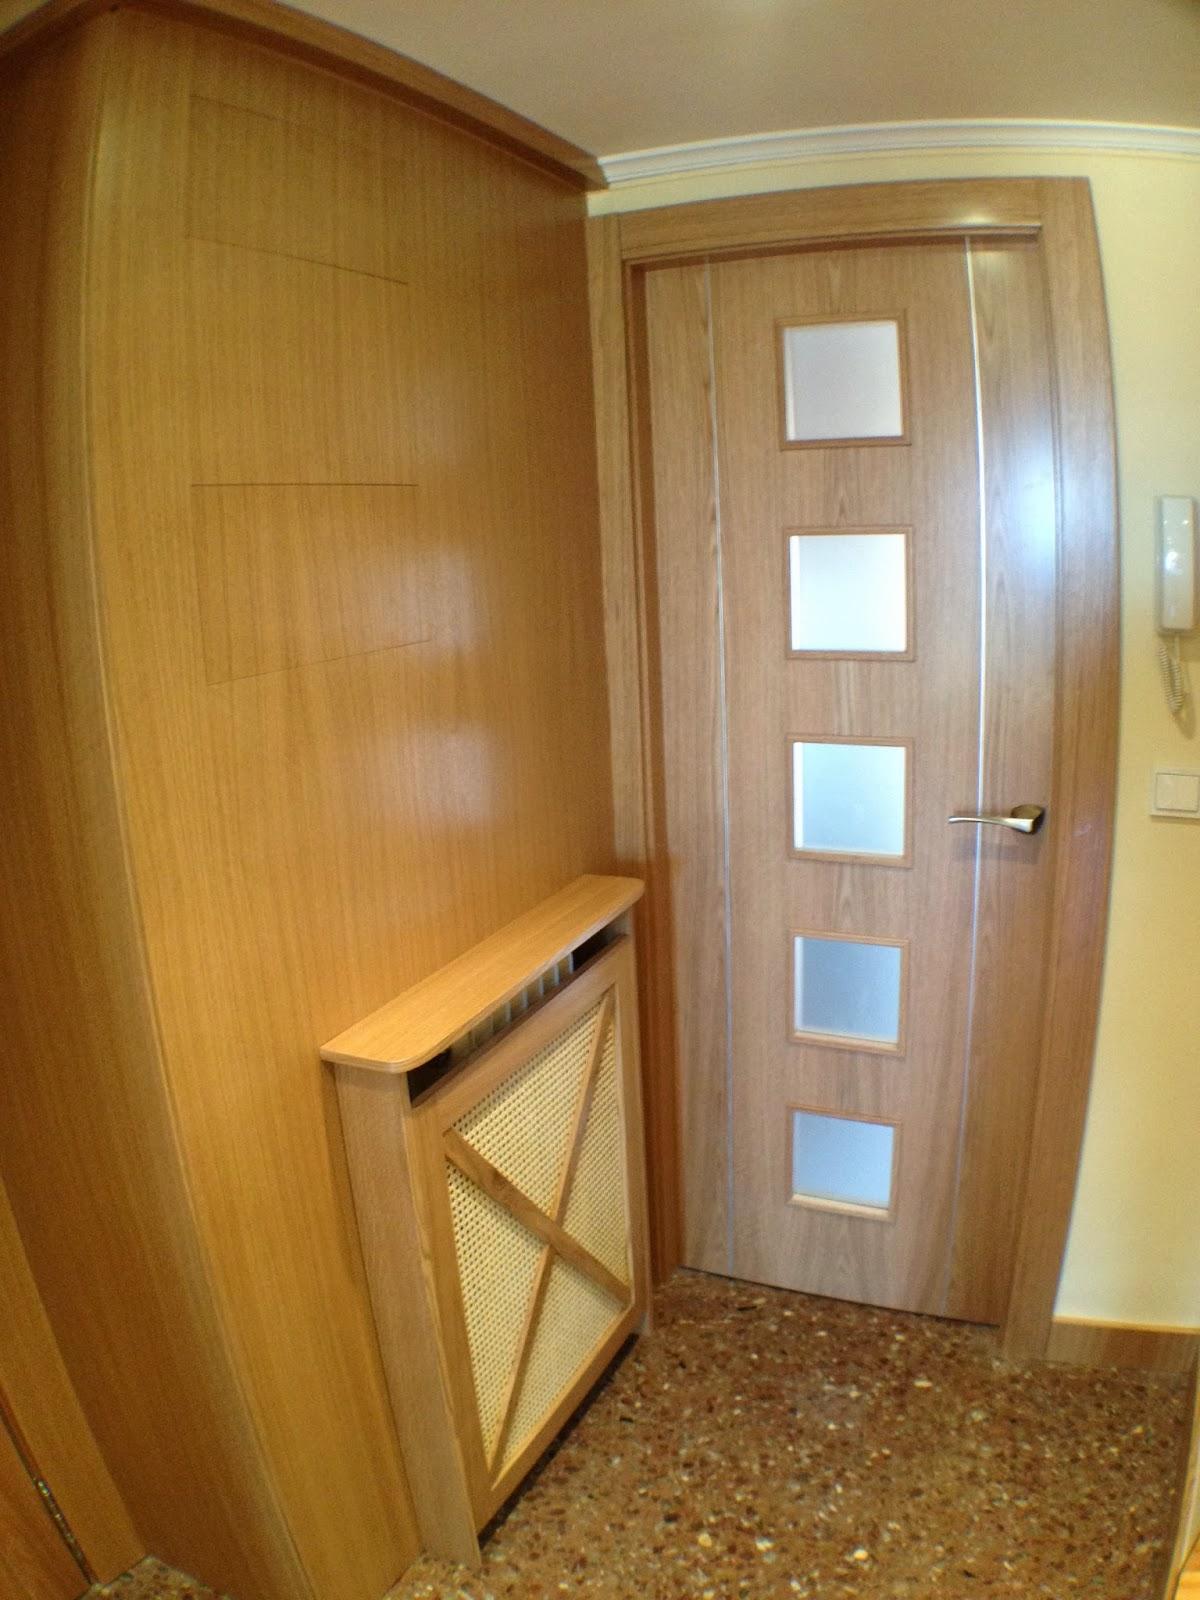 Ebanisteria carpinteria manuel perez zaragoza for Puertas madera a medida